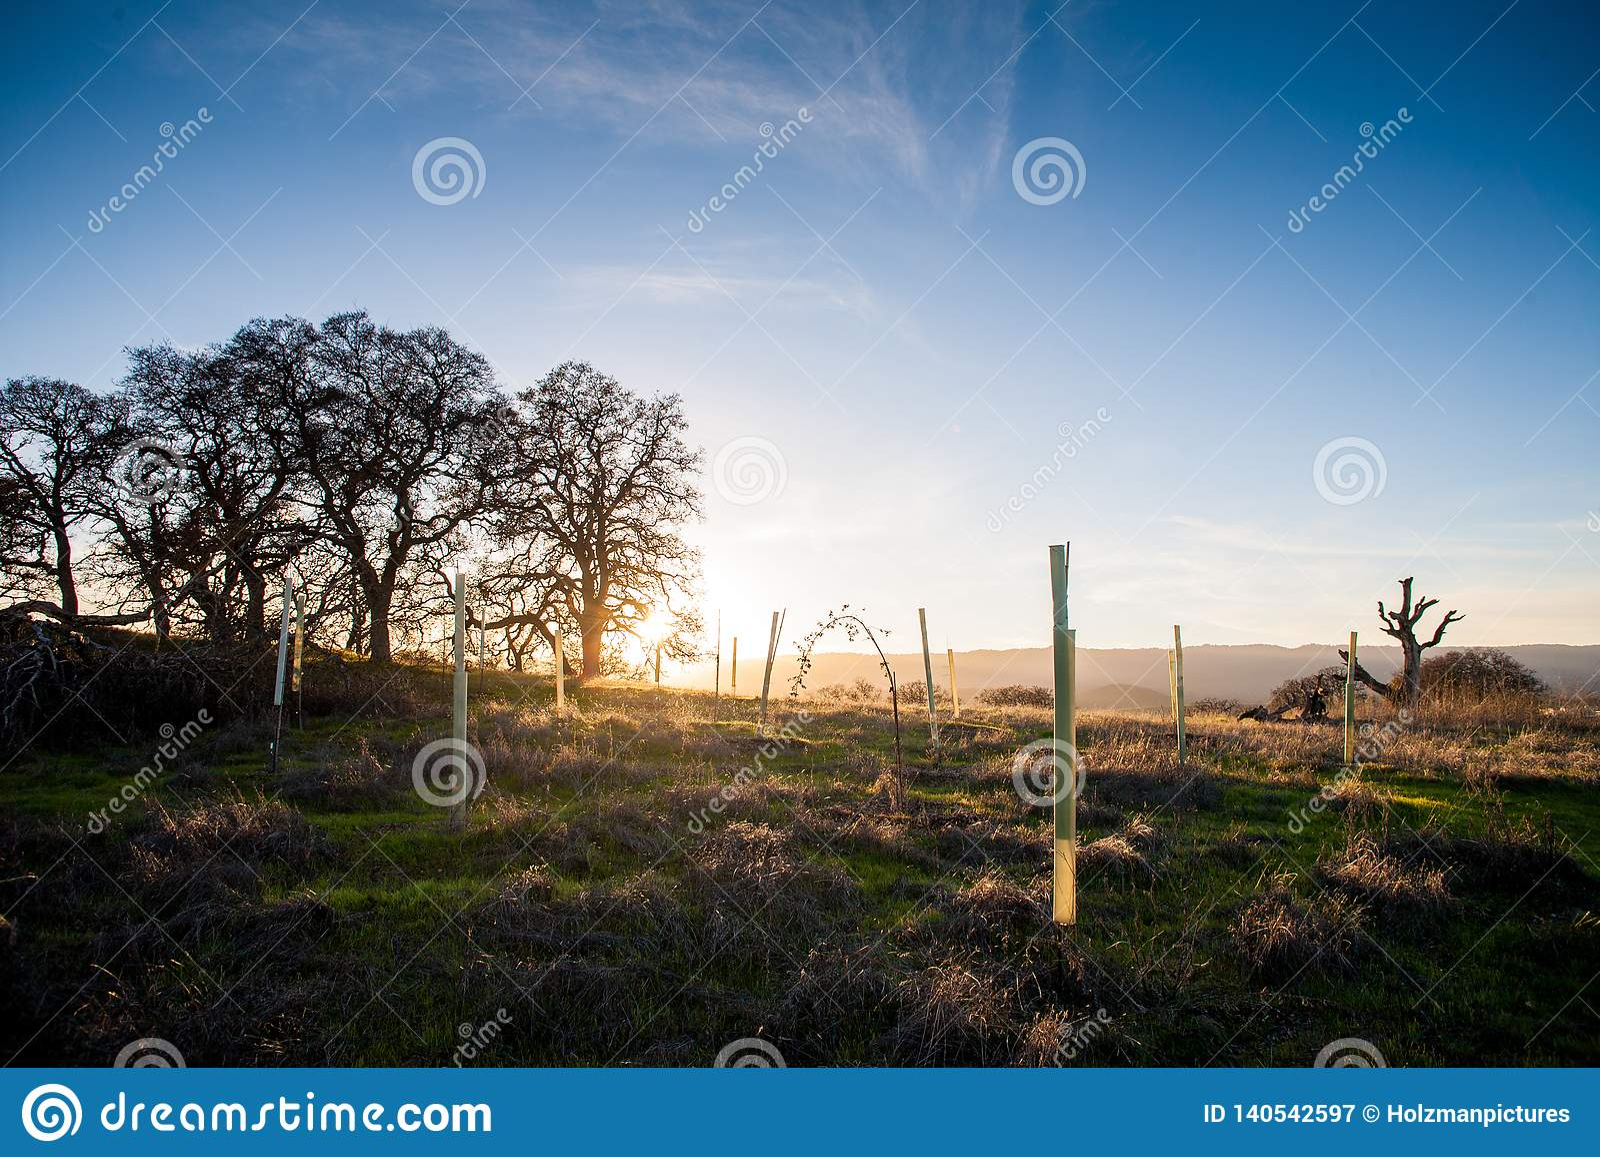 Η χρυσή ώρα, ο ήλιος θέτει στην επαρχία κοντά στο Στάνφορντ